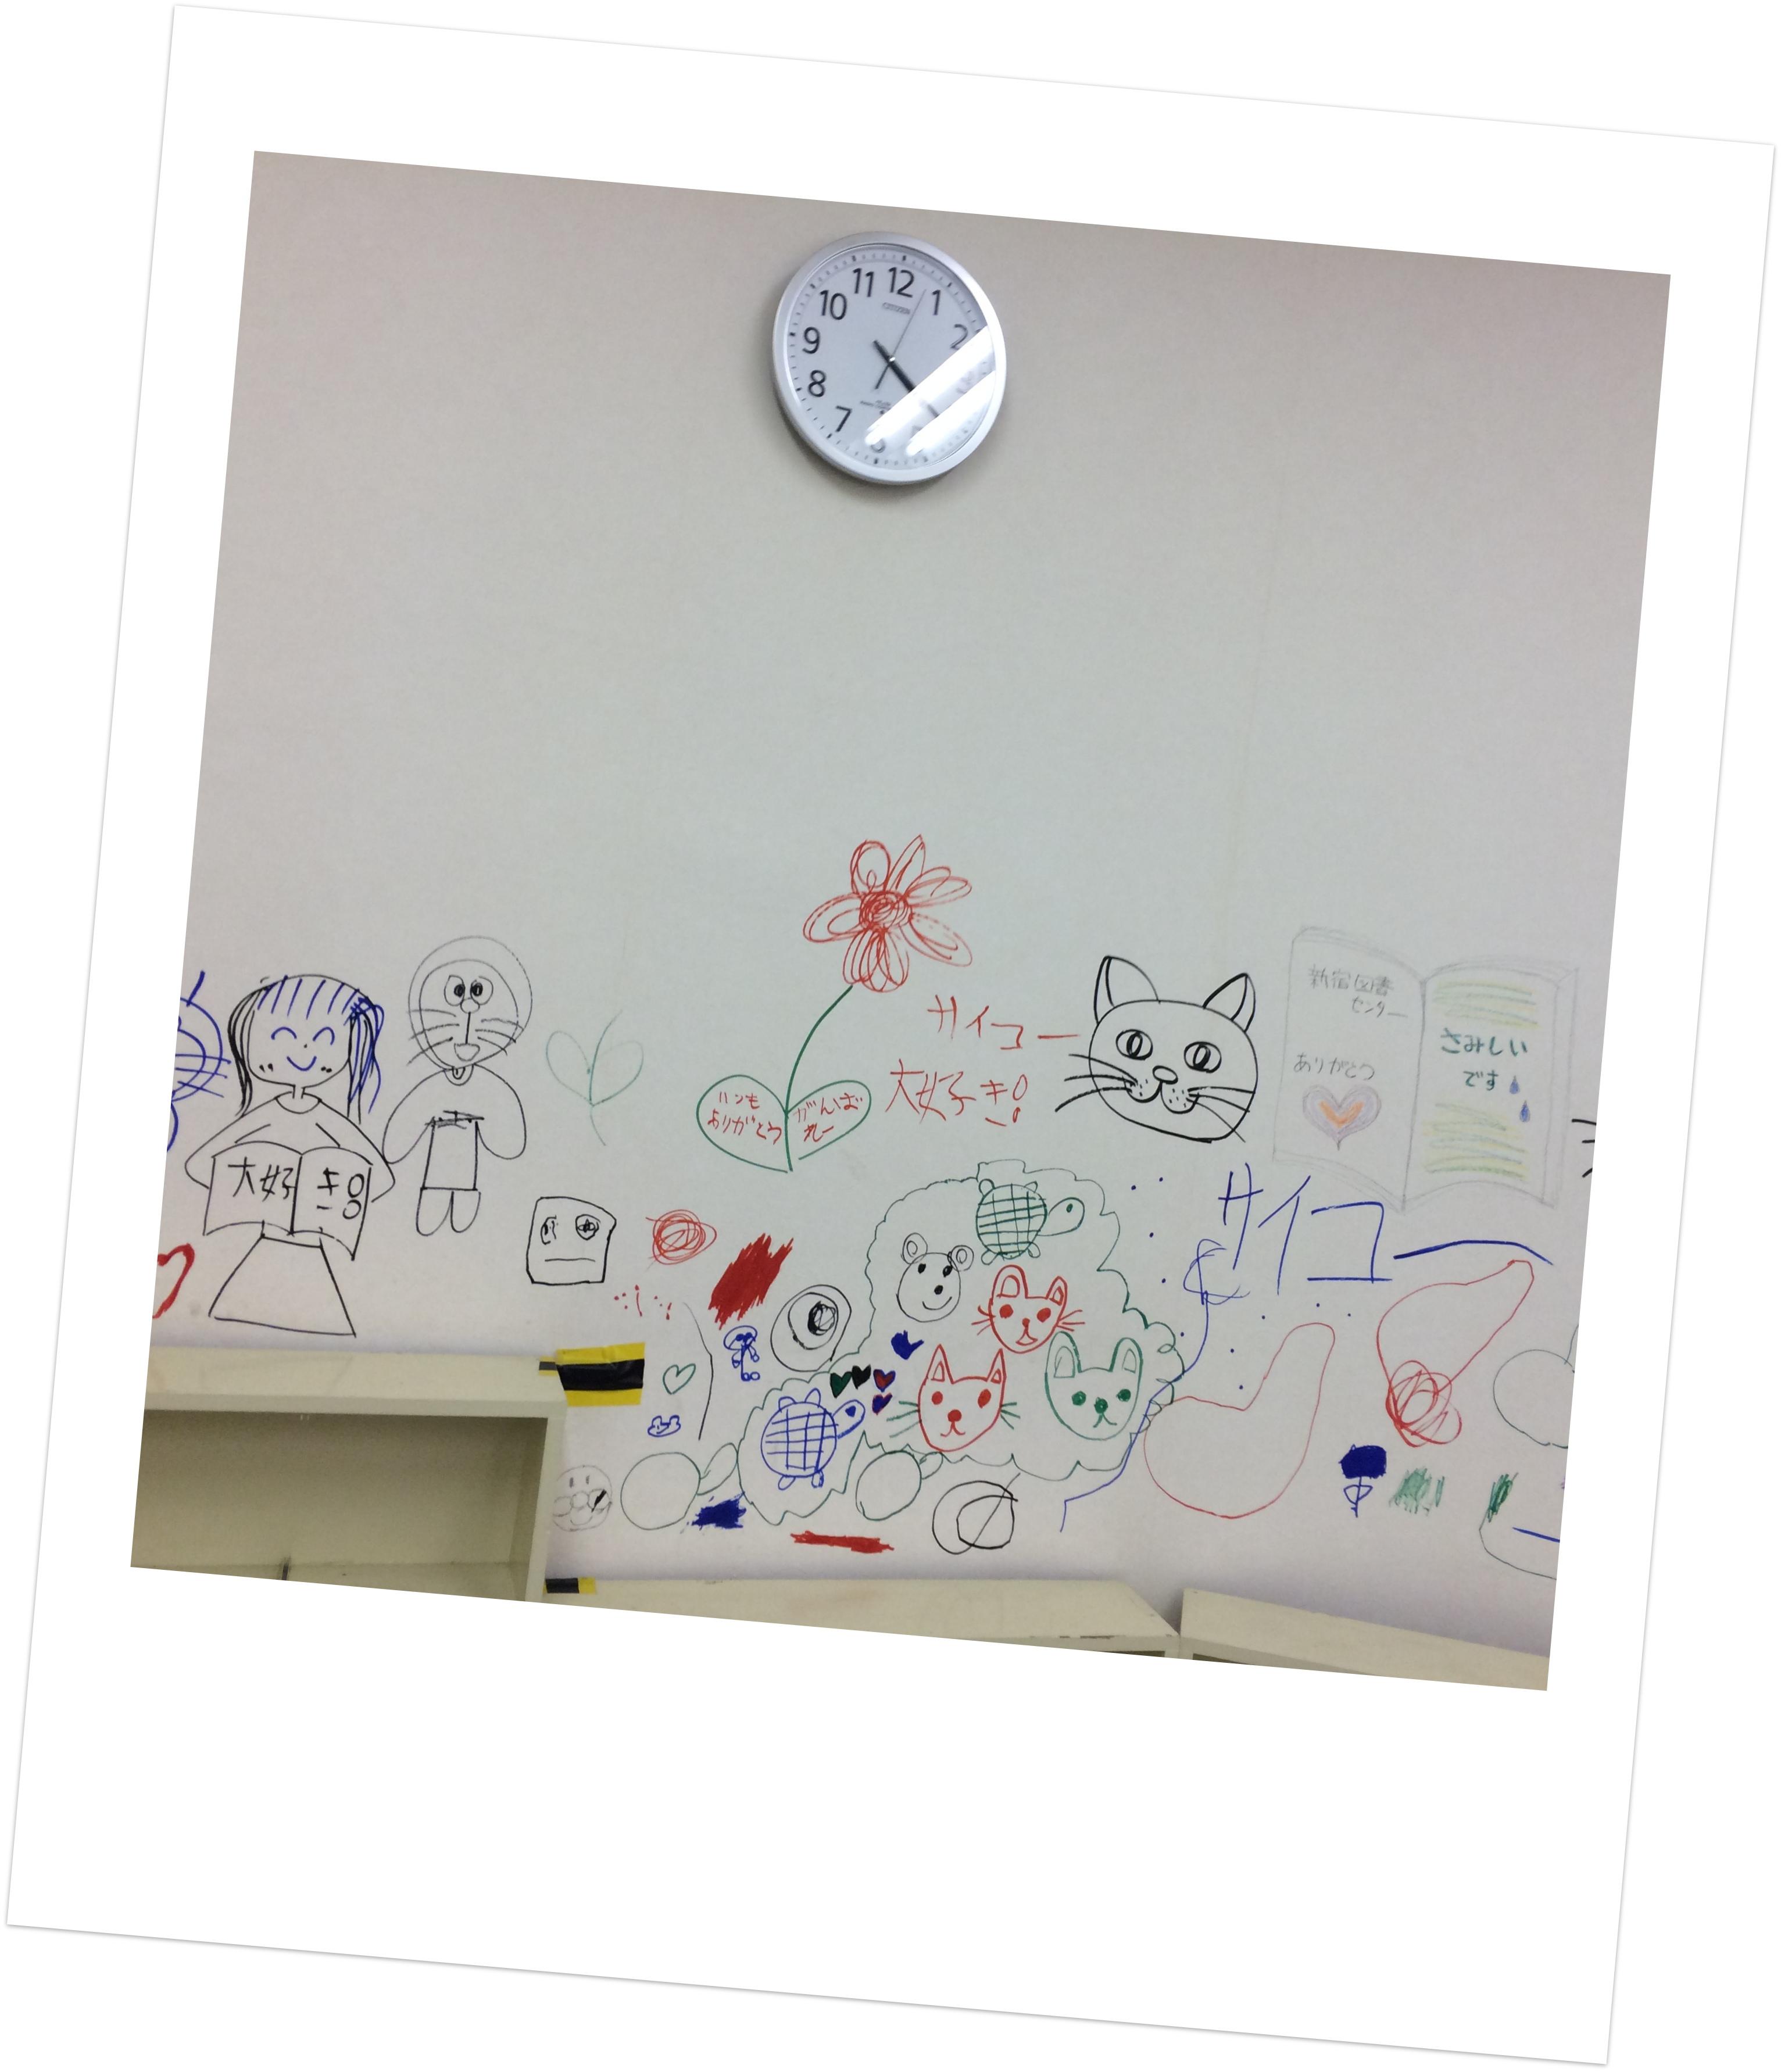 葛飾区立新宿図書センターおはなし室にお絵描き2